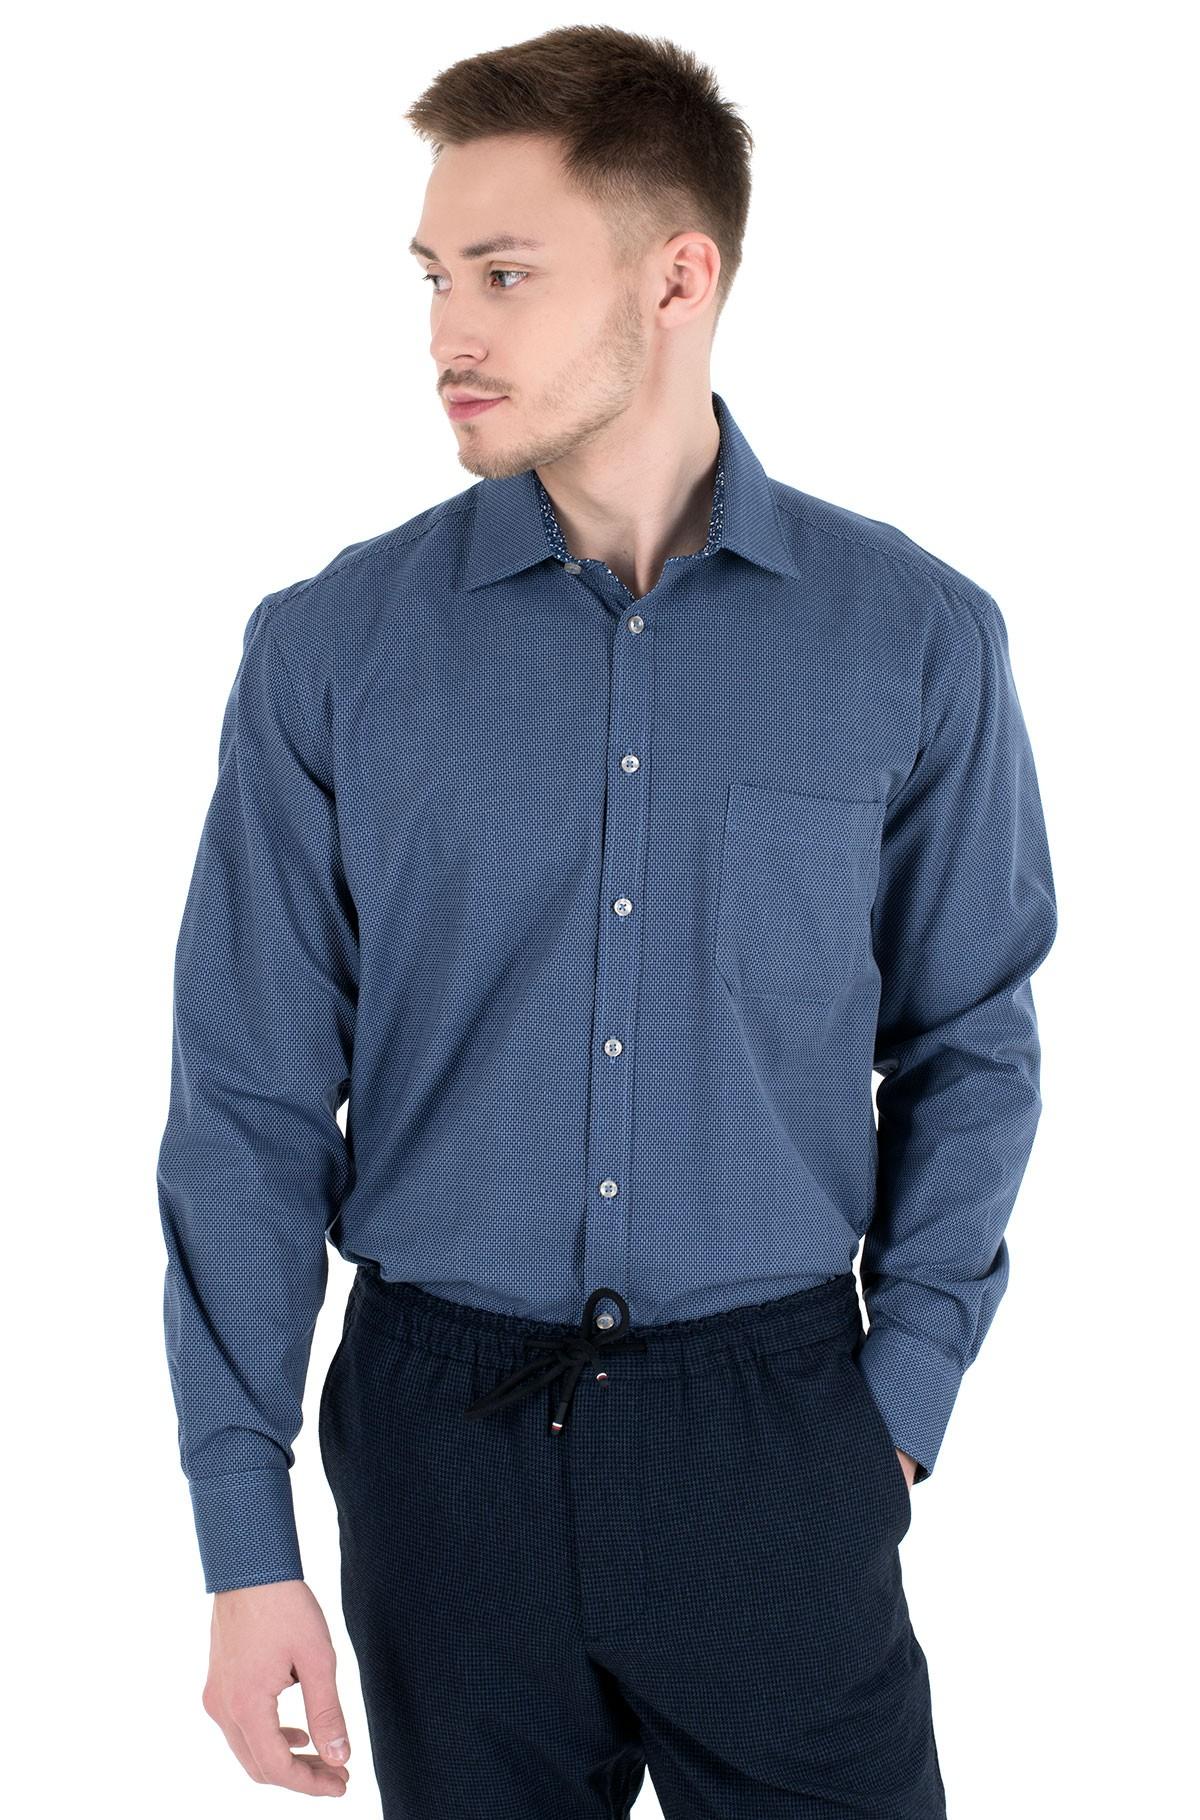 Marškiniai 3101141-full-1